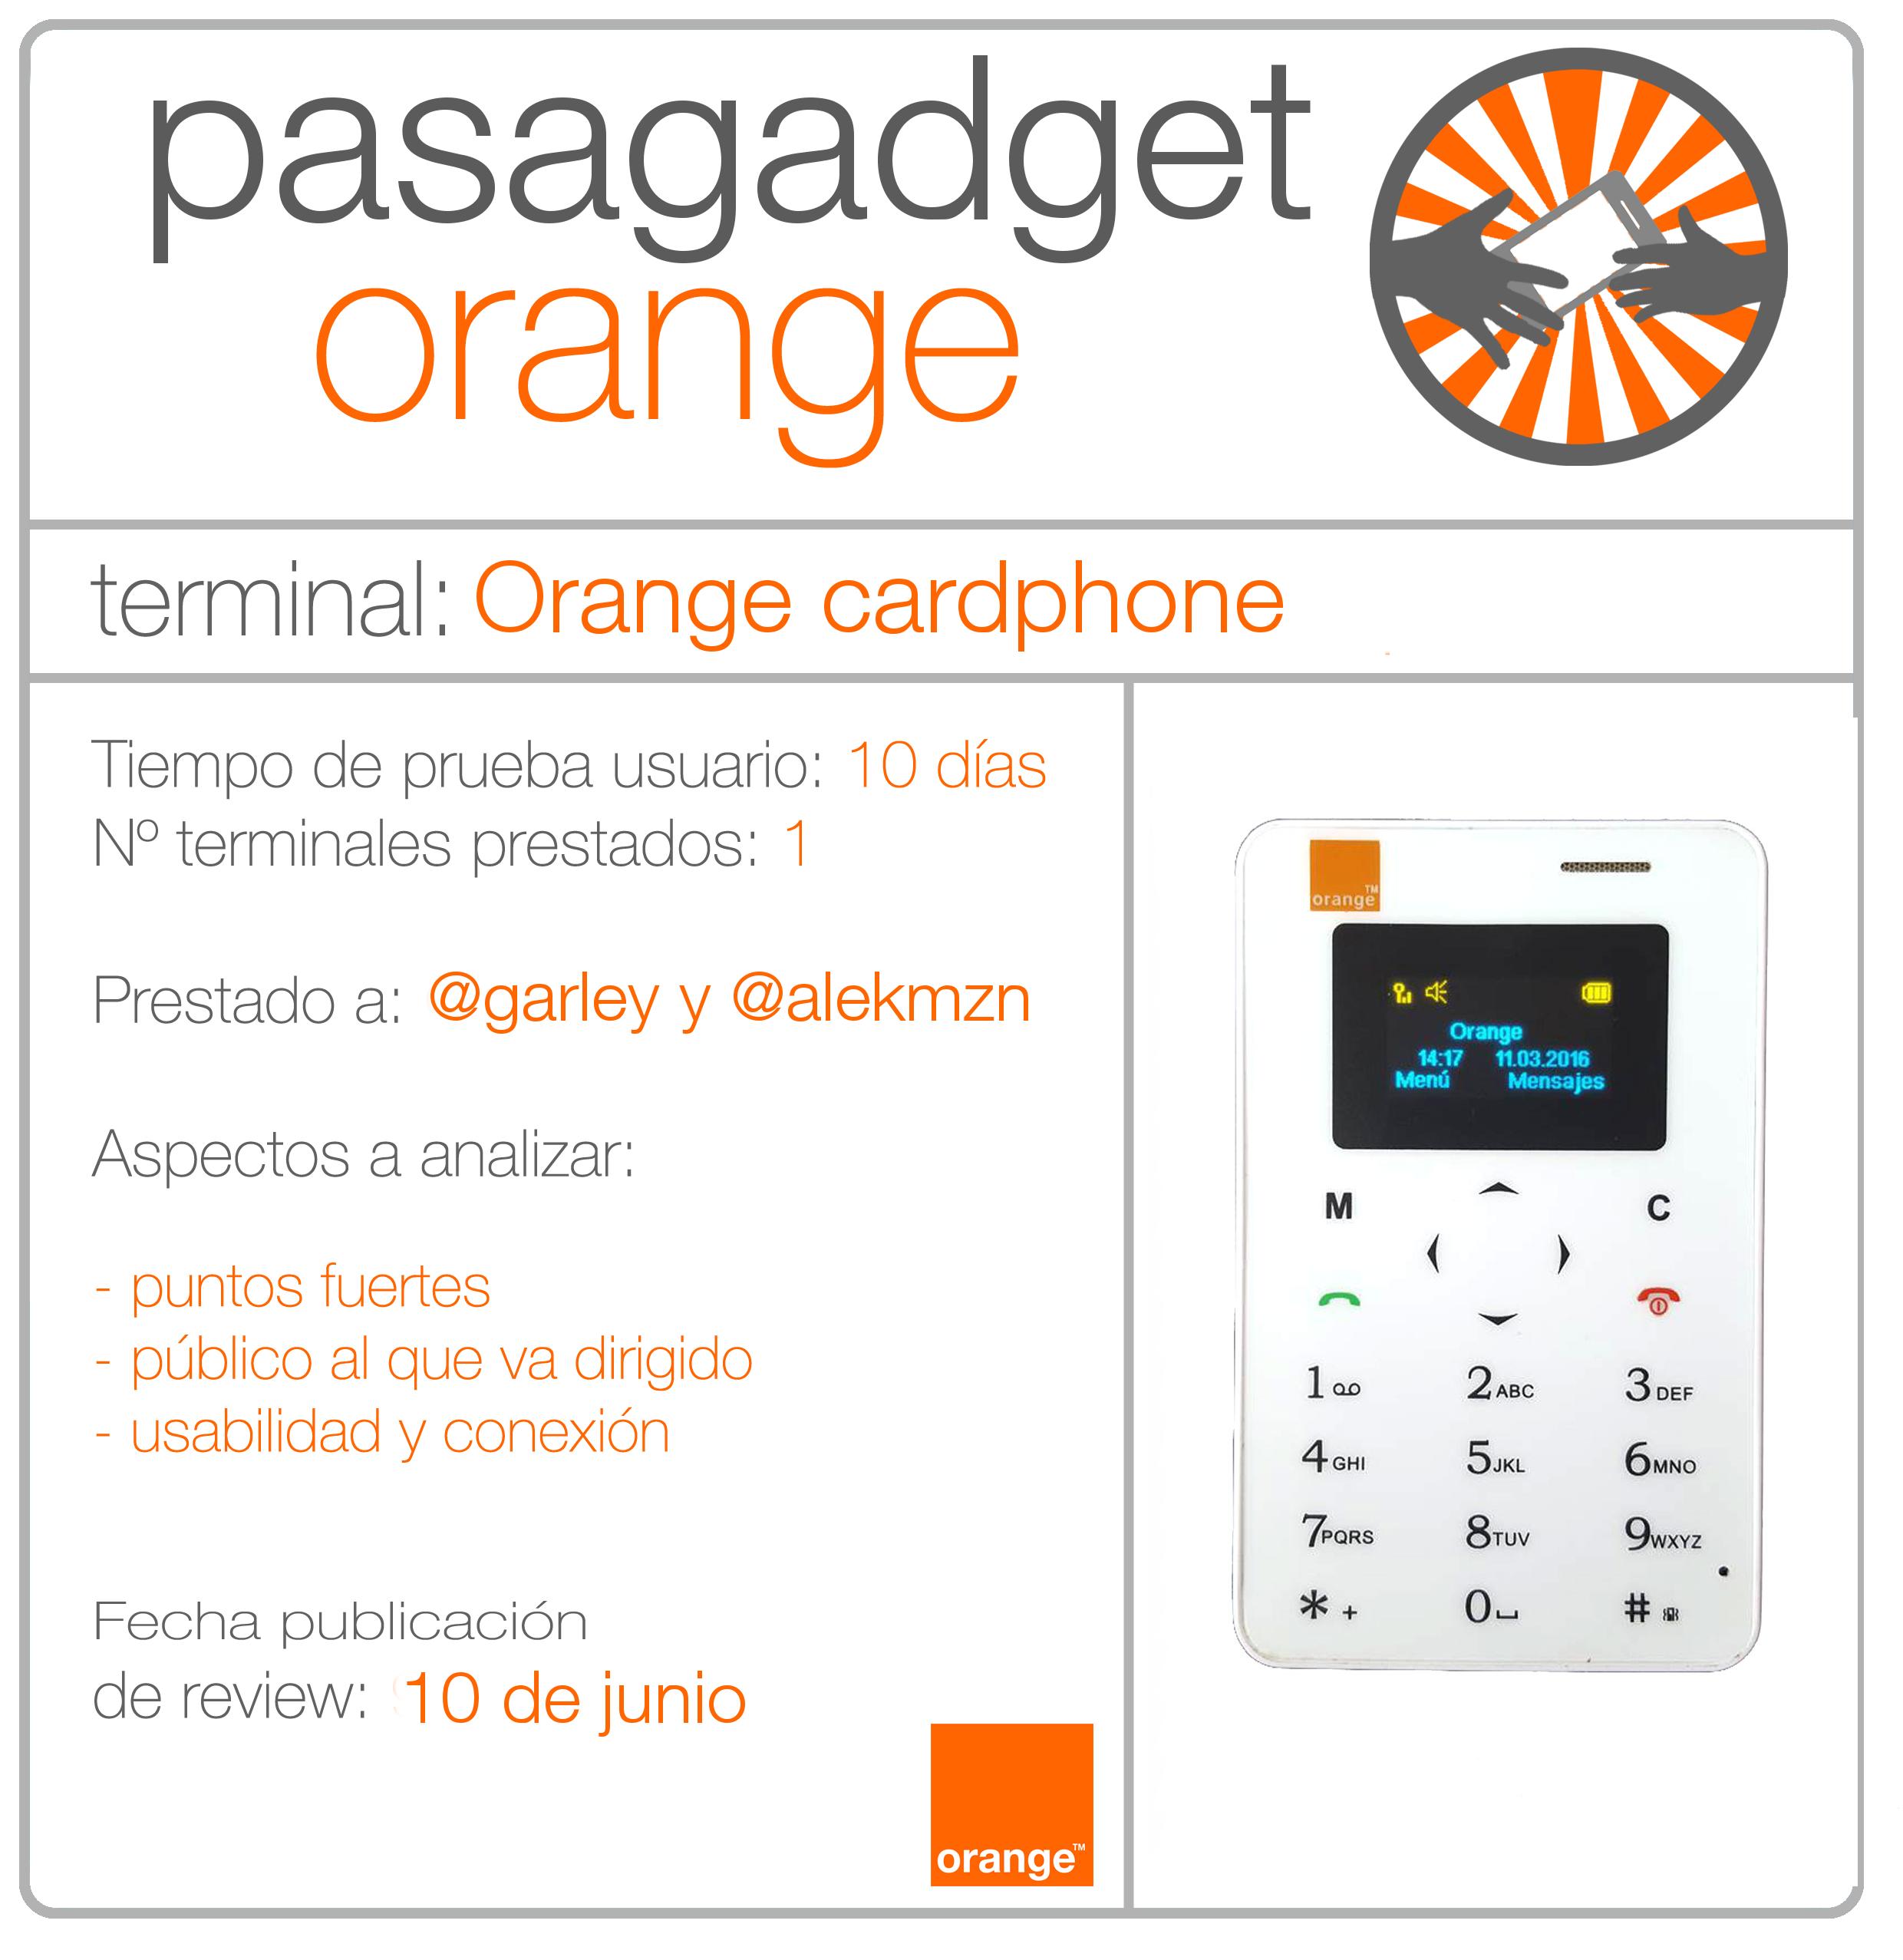 pasamovilcard.png